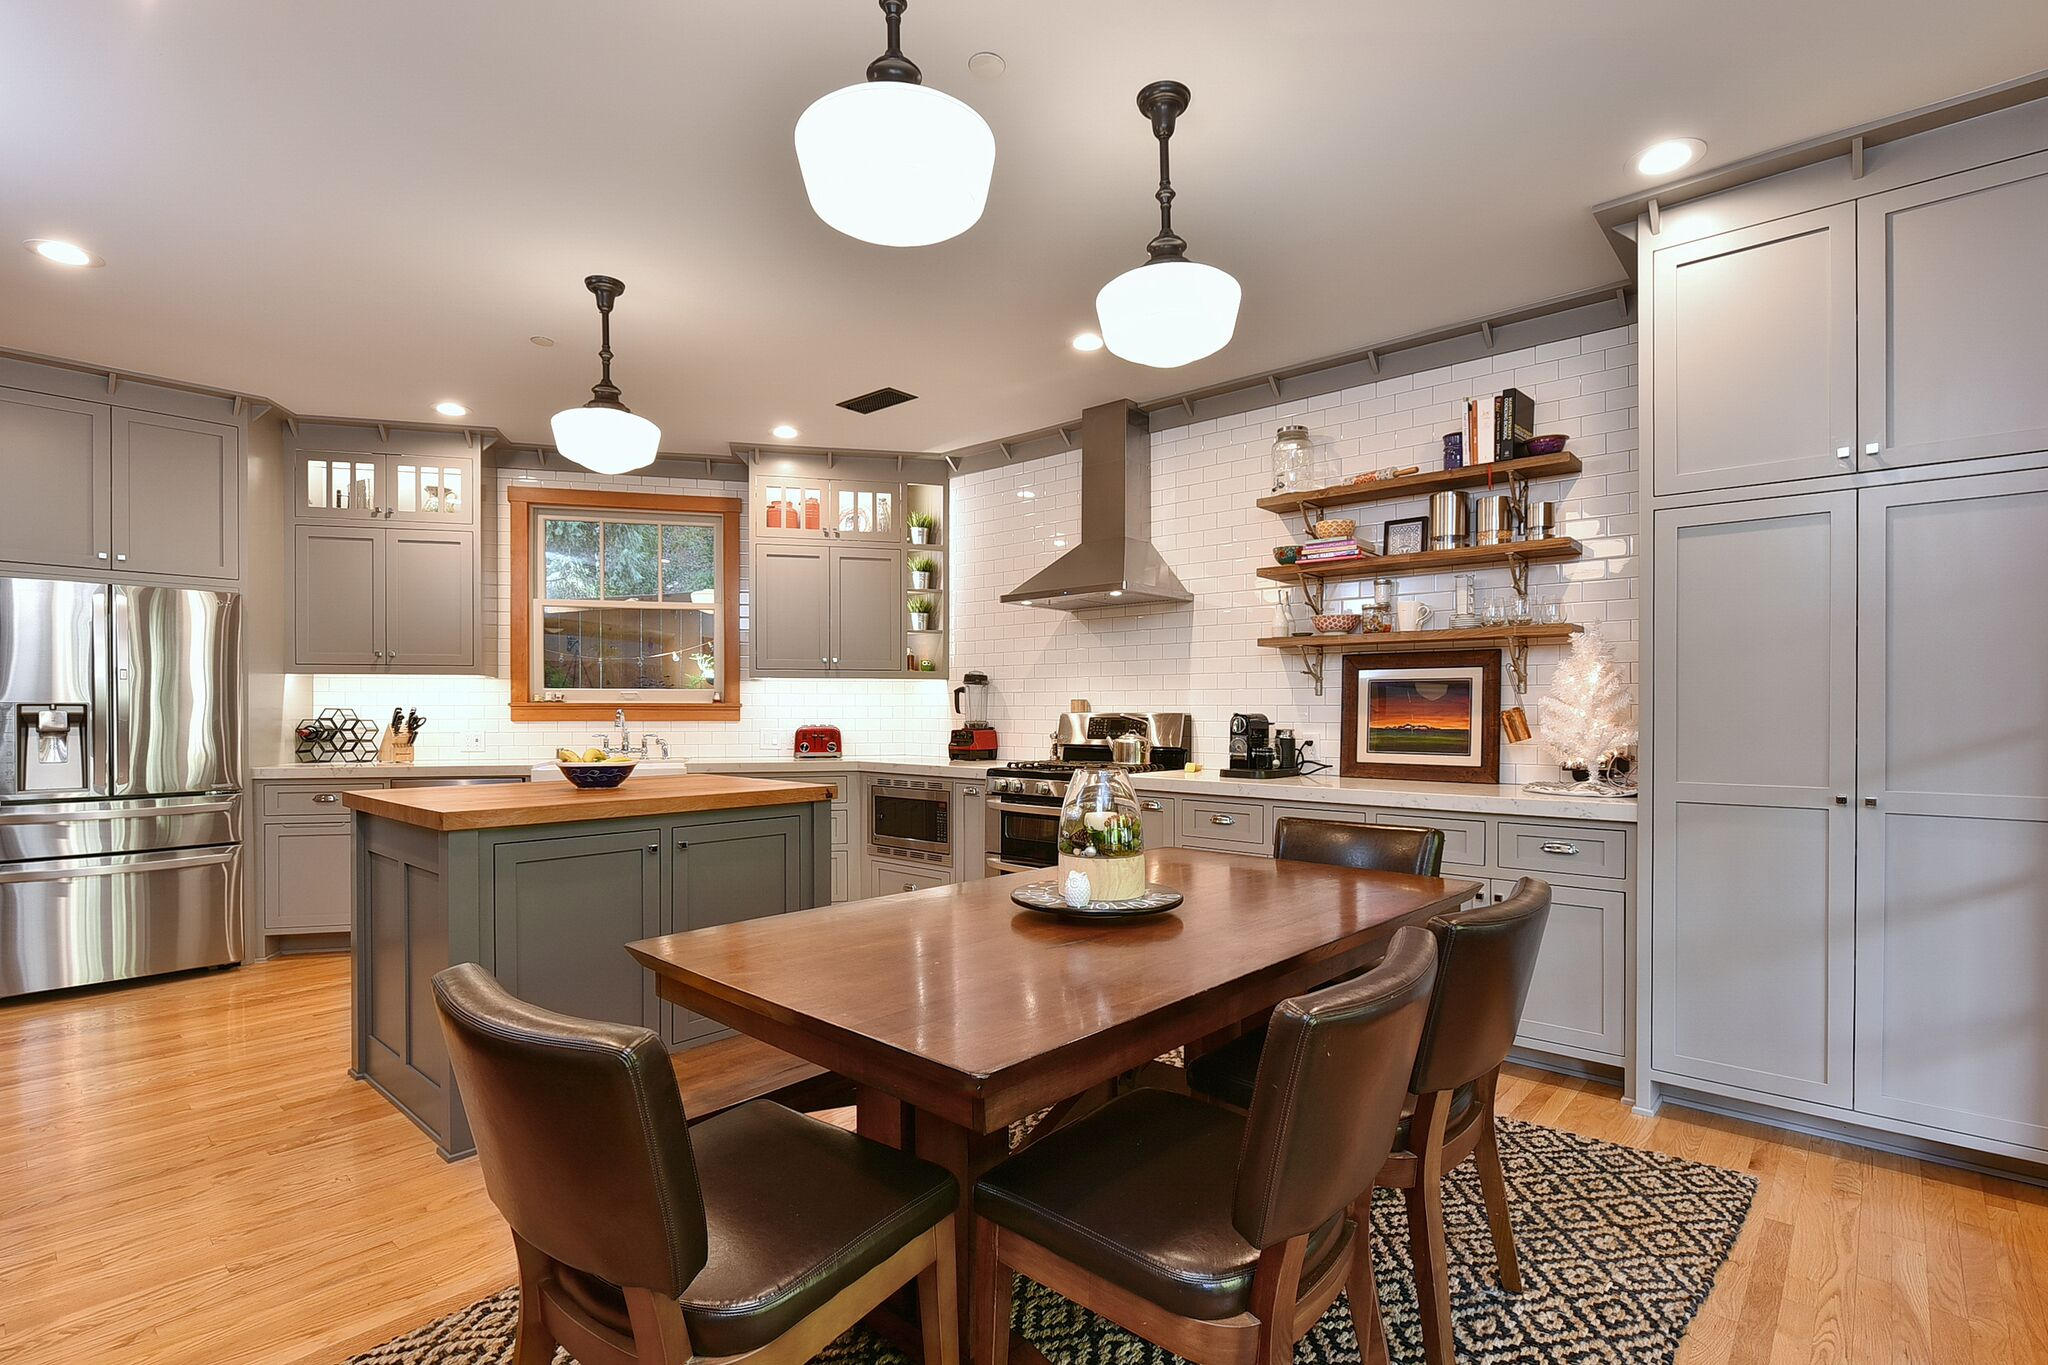 kitchen interior2